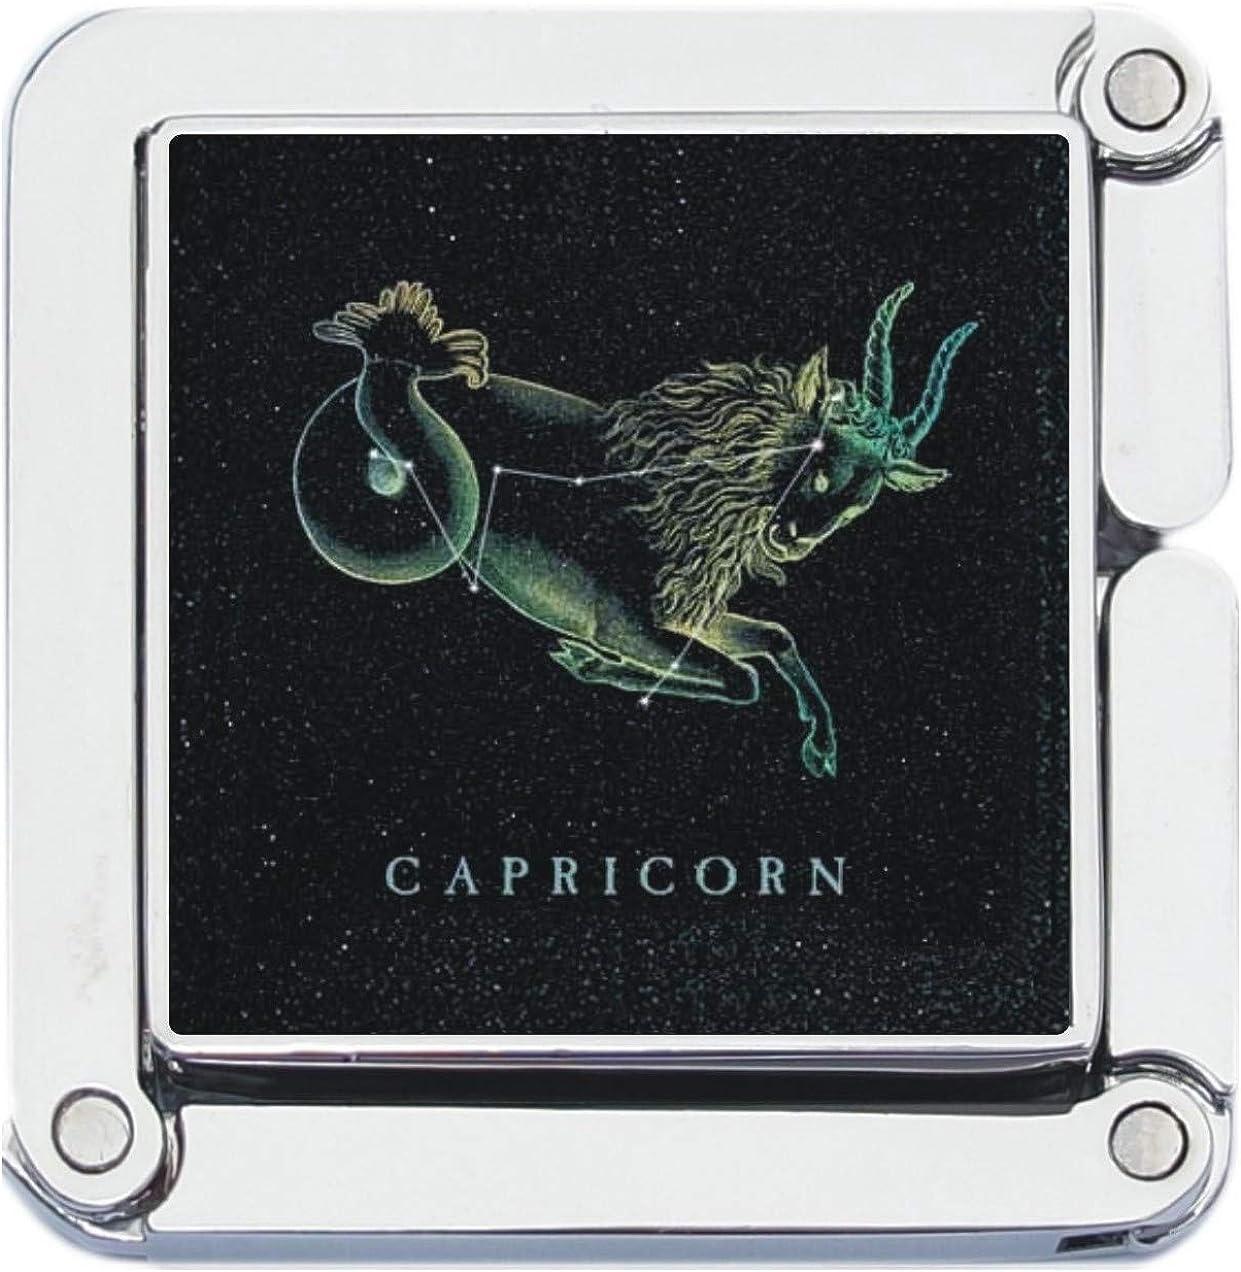 Square Capricorn Goat Zodiac Stars Purse Hanger